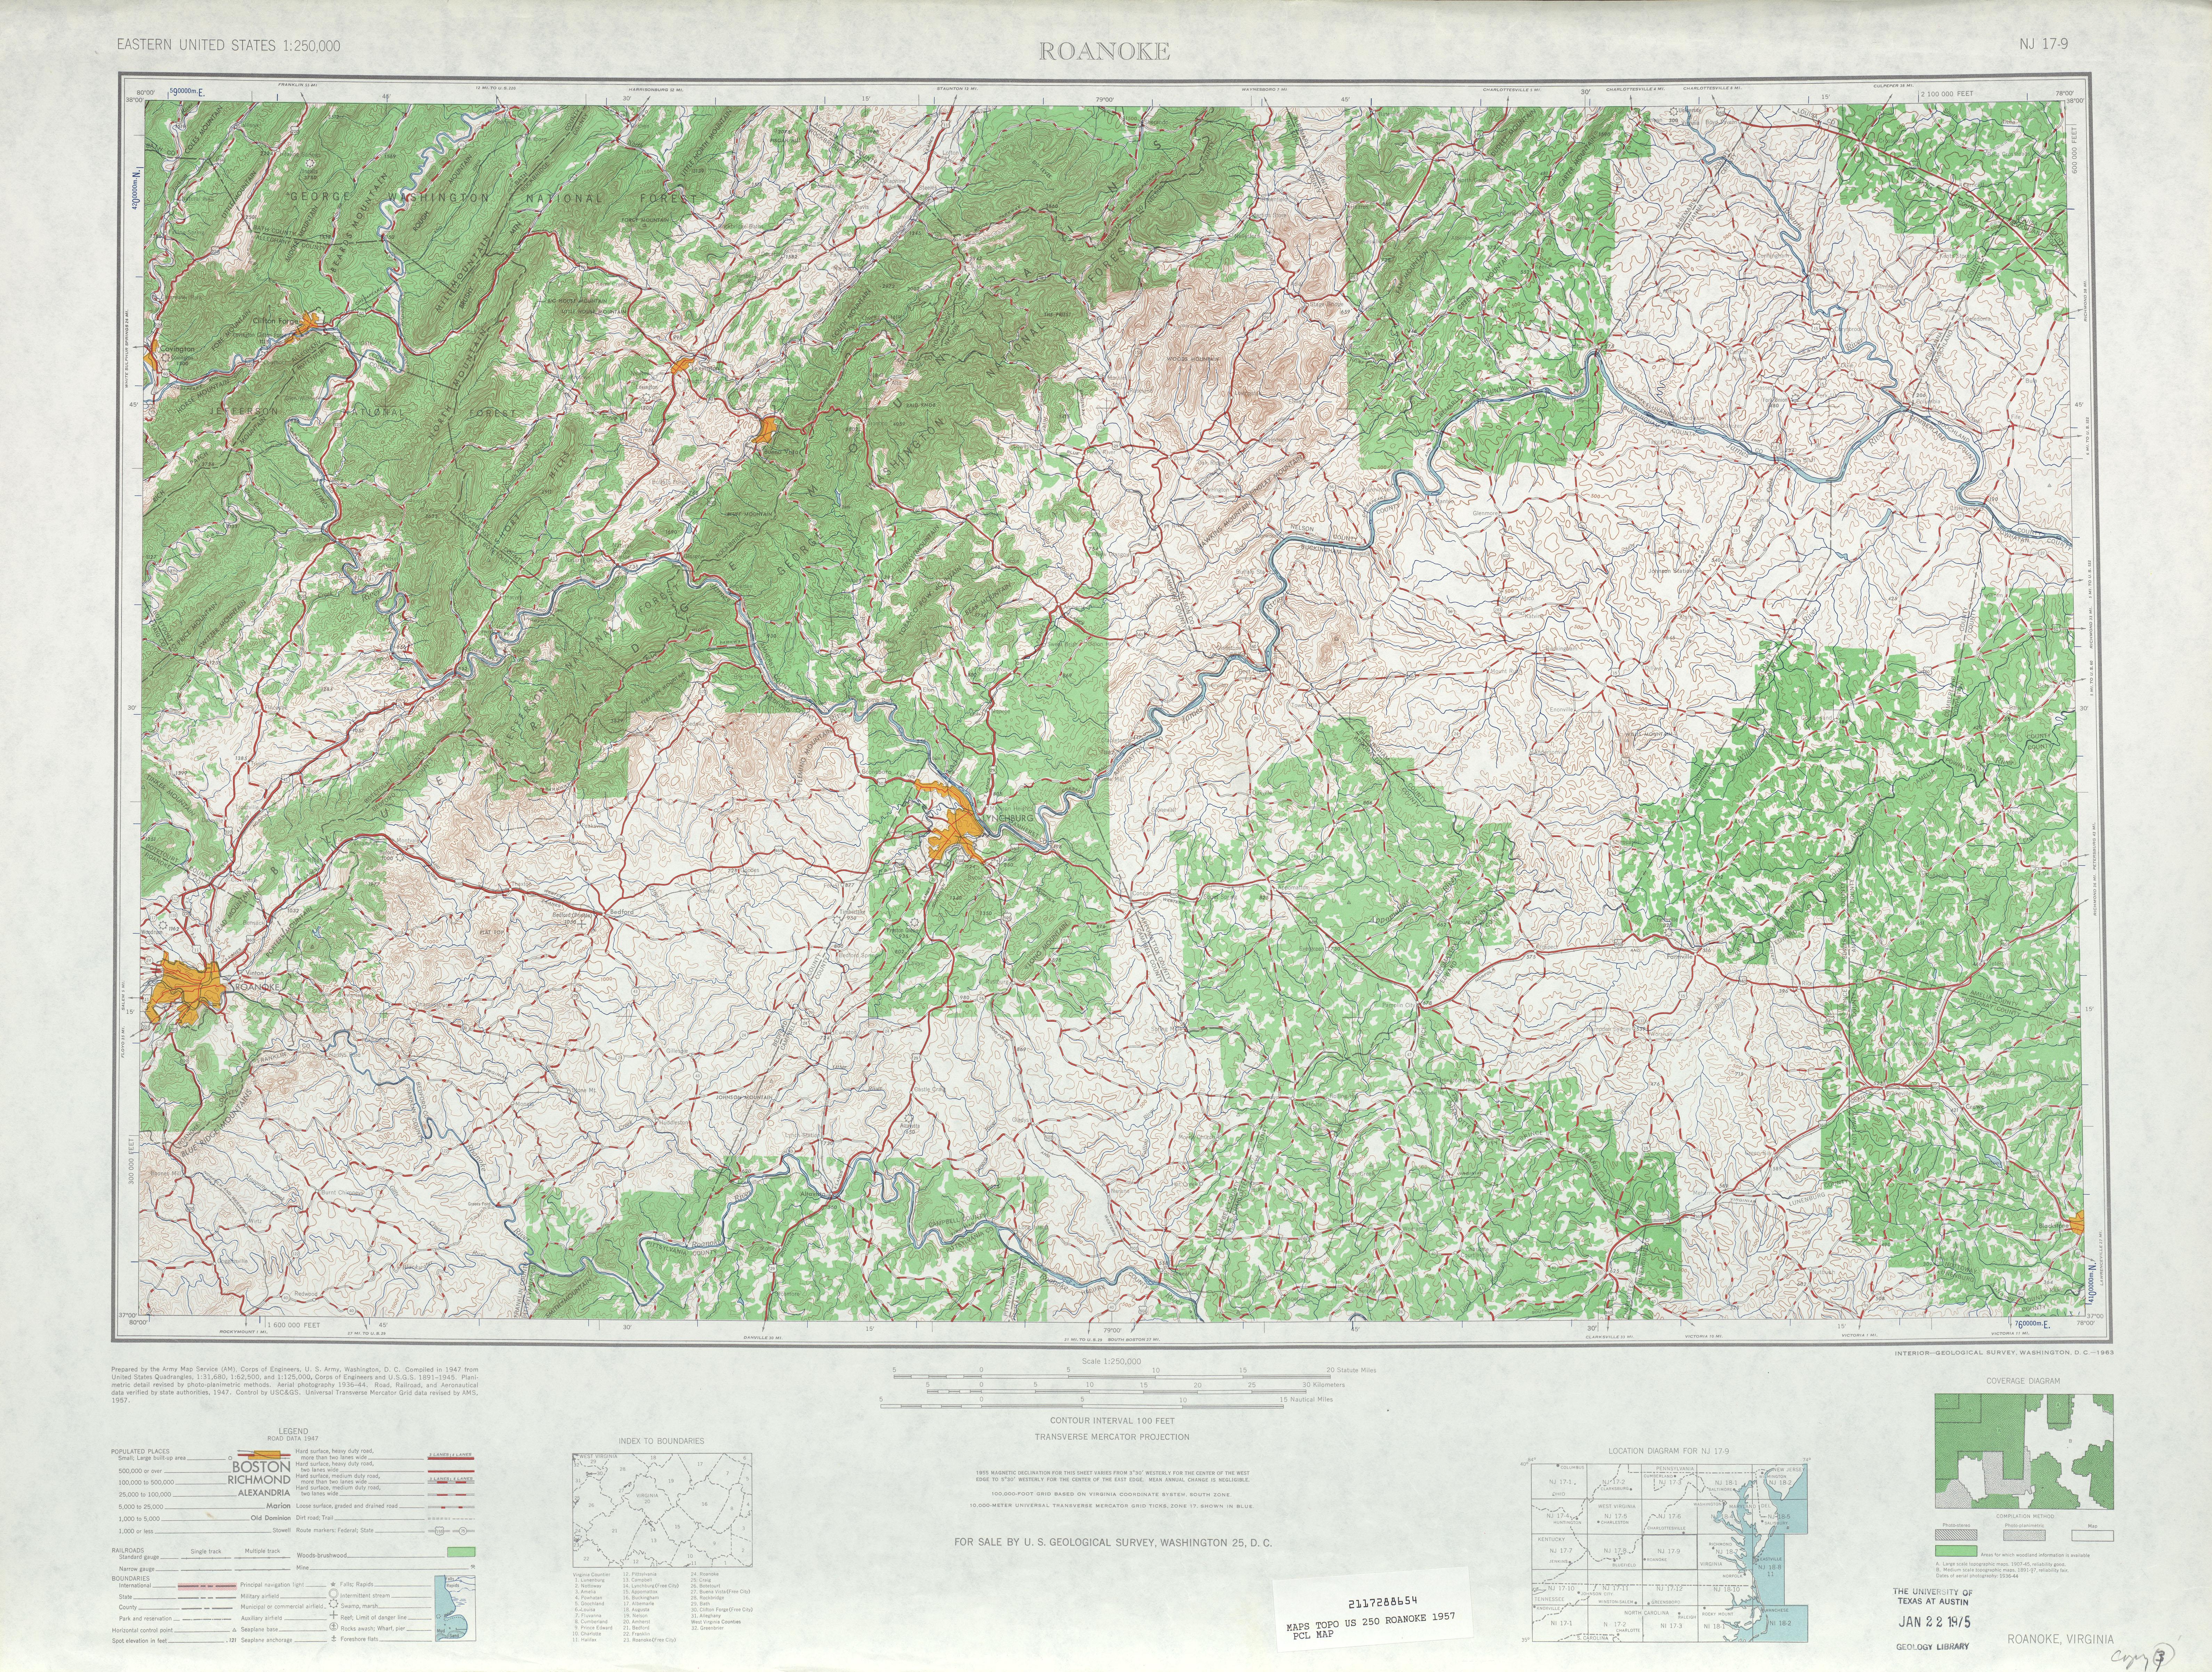 Hoja Roanoke del Mapa Topográfico de los Estados Unidos 1957